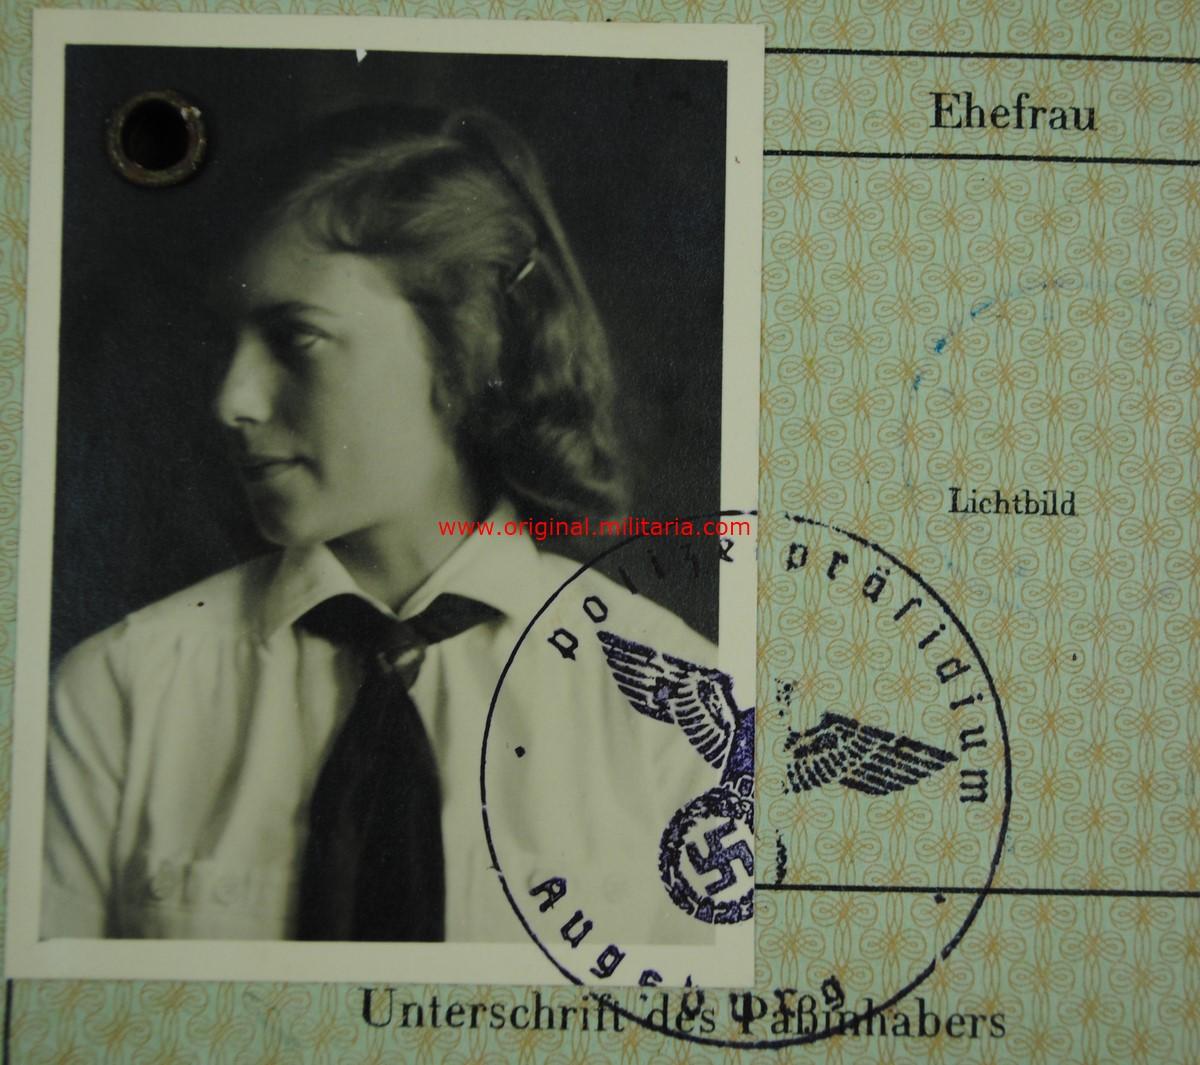 BDM/JM Pasaporte de una Niña Miembro